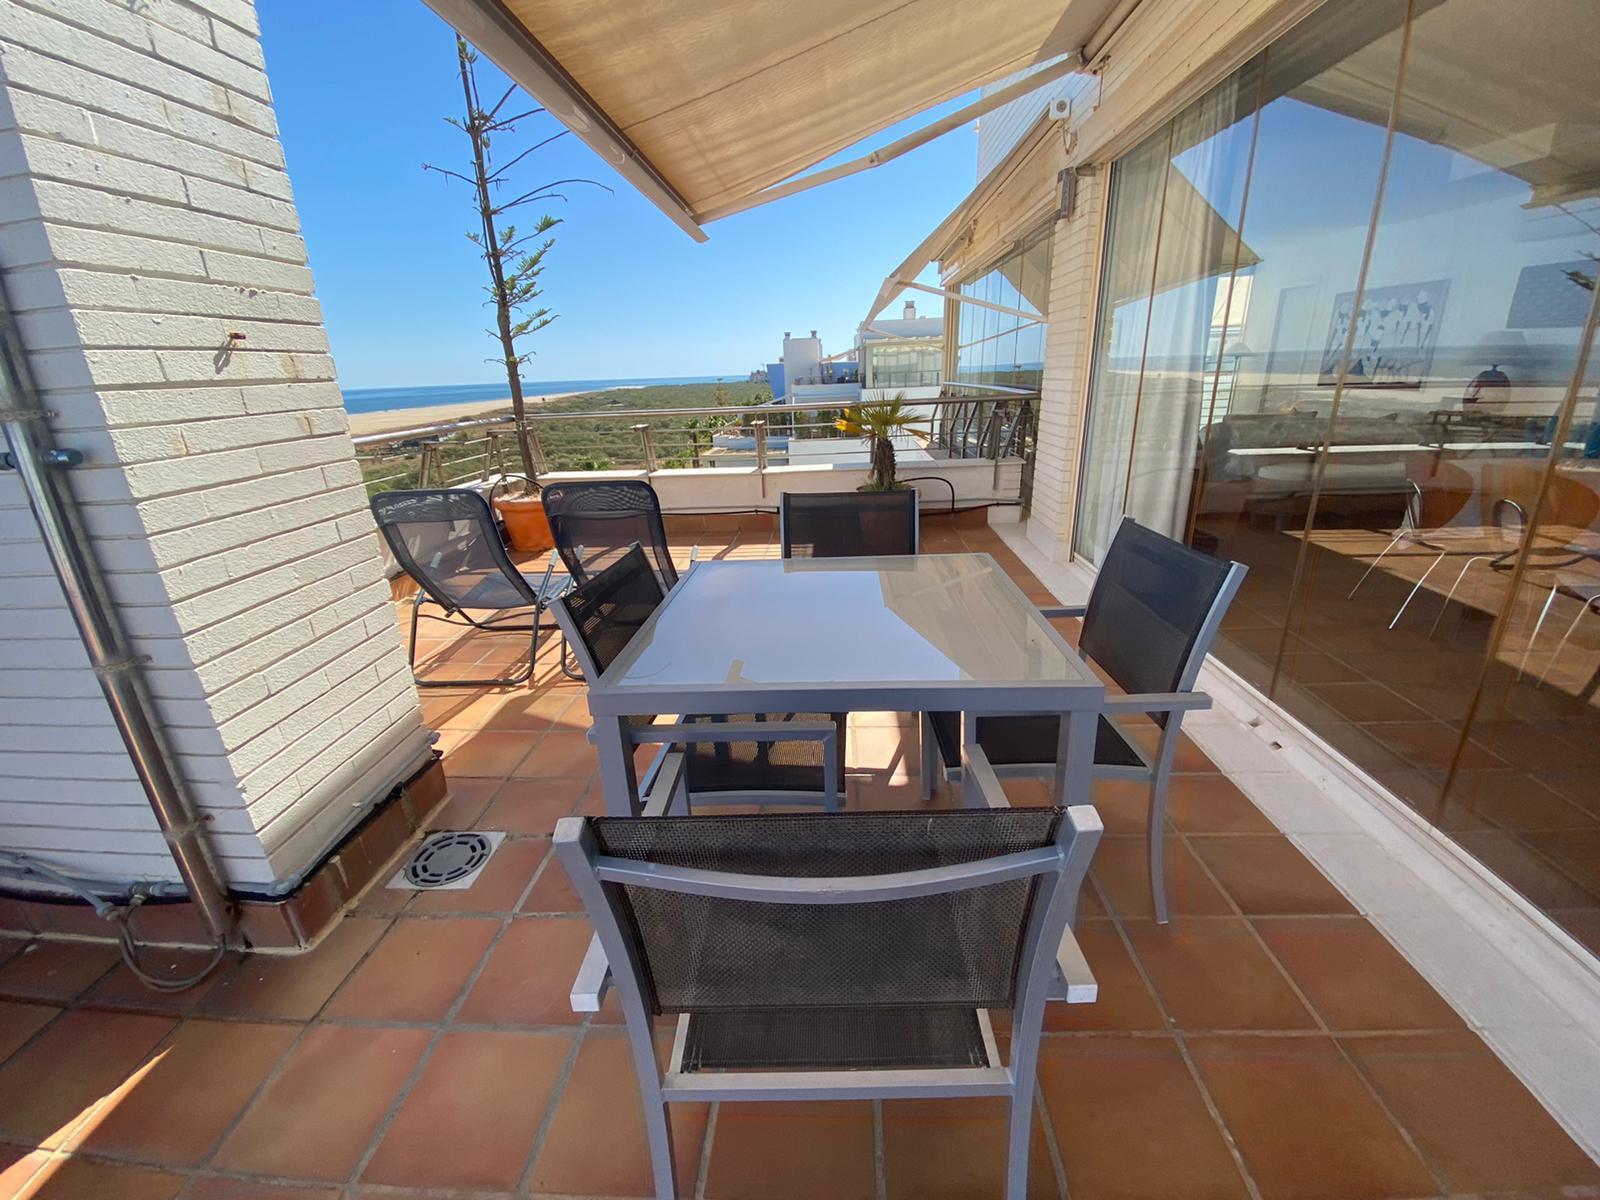 Imagen 49 del Apartamento Turístico, Ático 3 Levante, Frontal (4d+2b), Punta del Moral (HUELVA), Paseo de la Cruz nº22